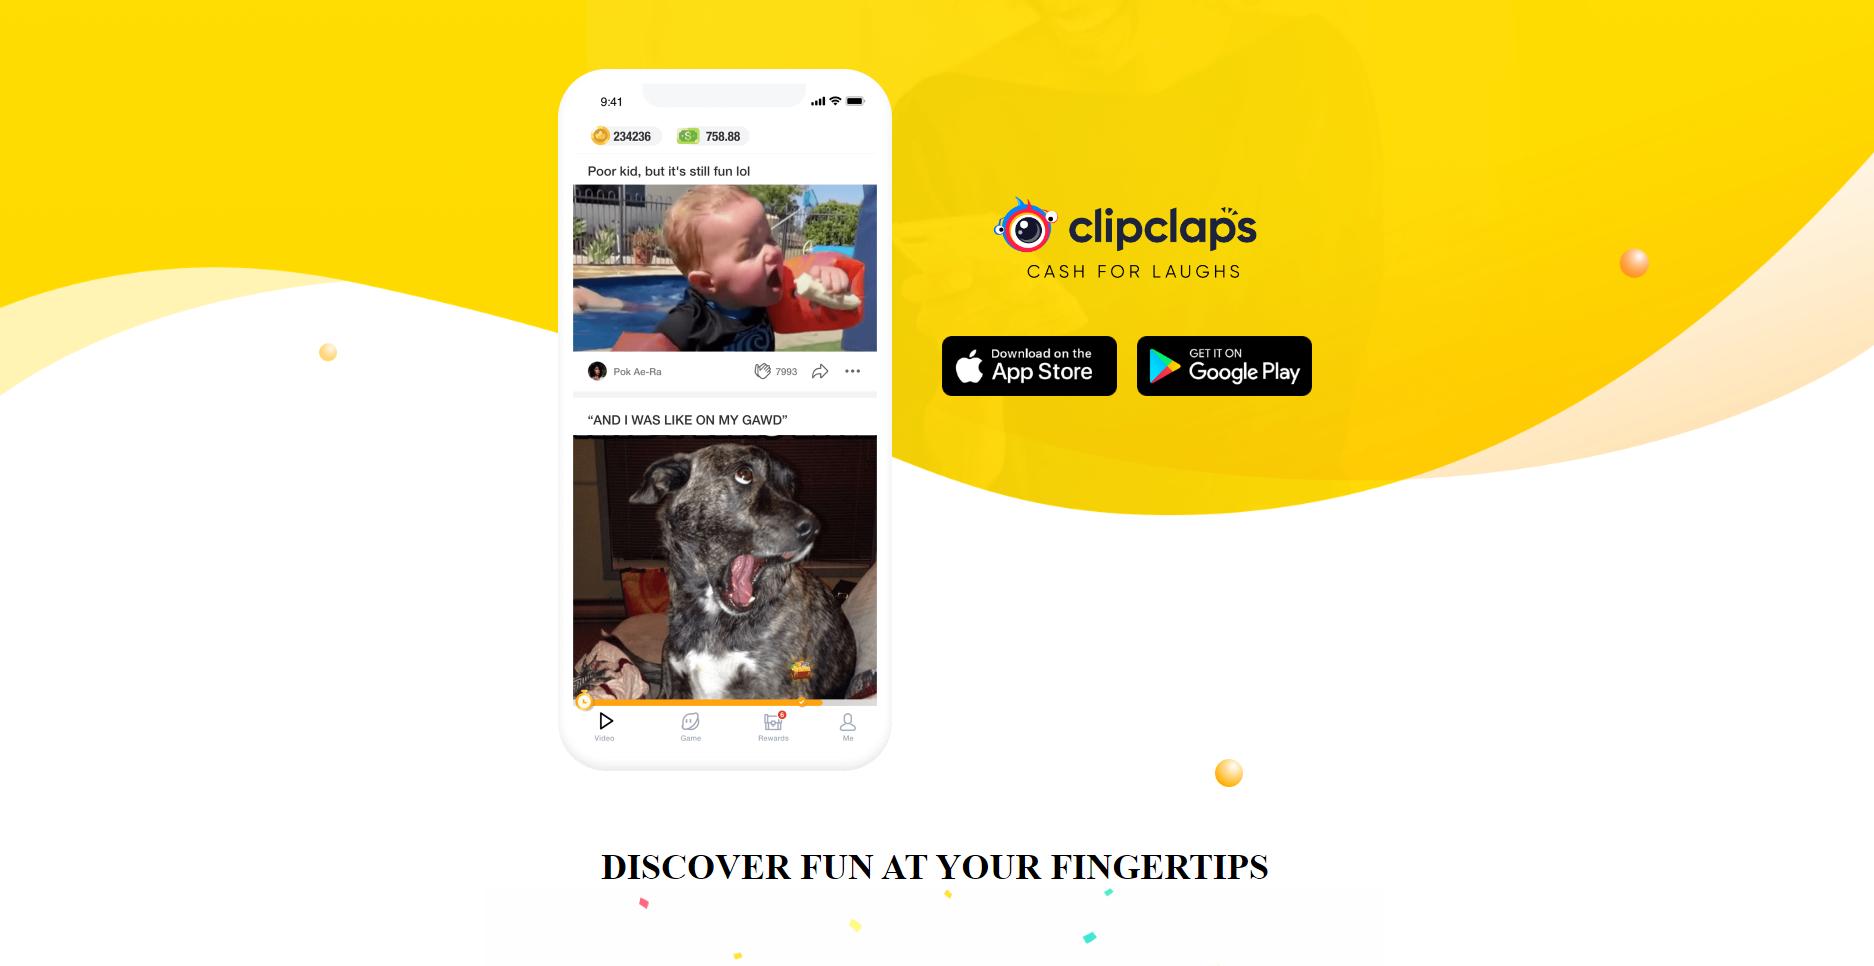 ClicpClaps